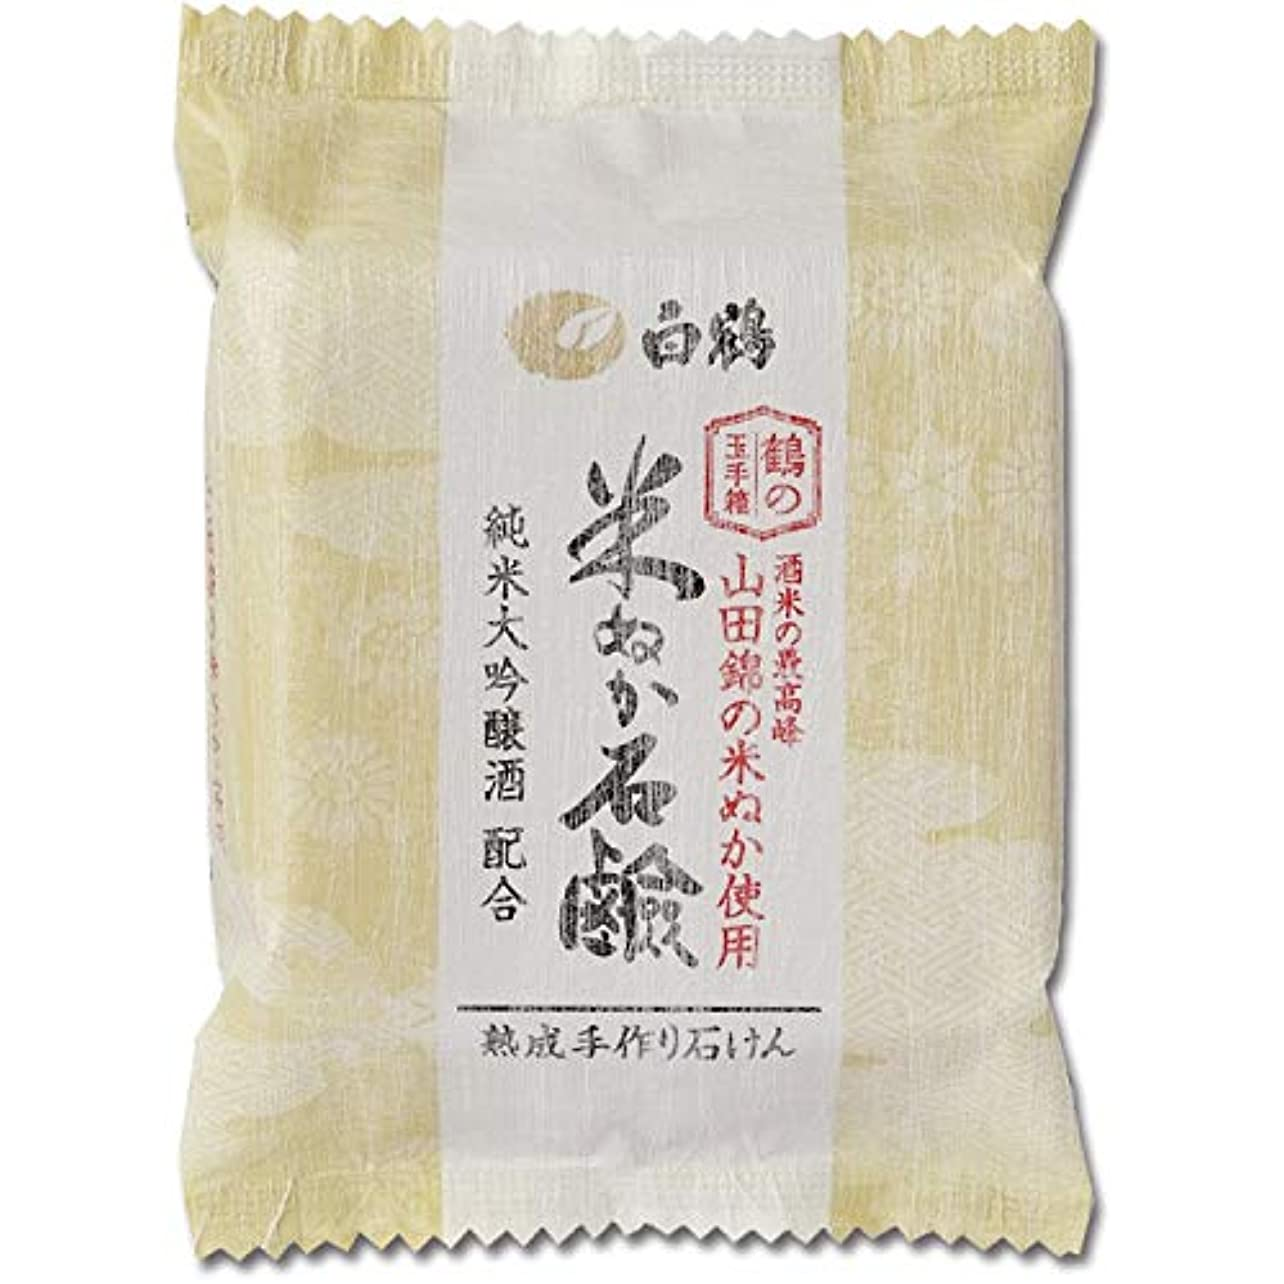 チロフレキシブル科学者白鶴 鶴の玉手箱 米ぬか石けん 100g (全身用石鹸)